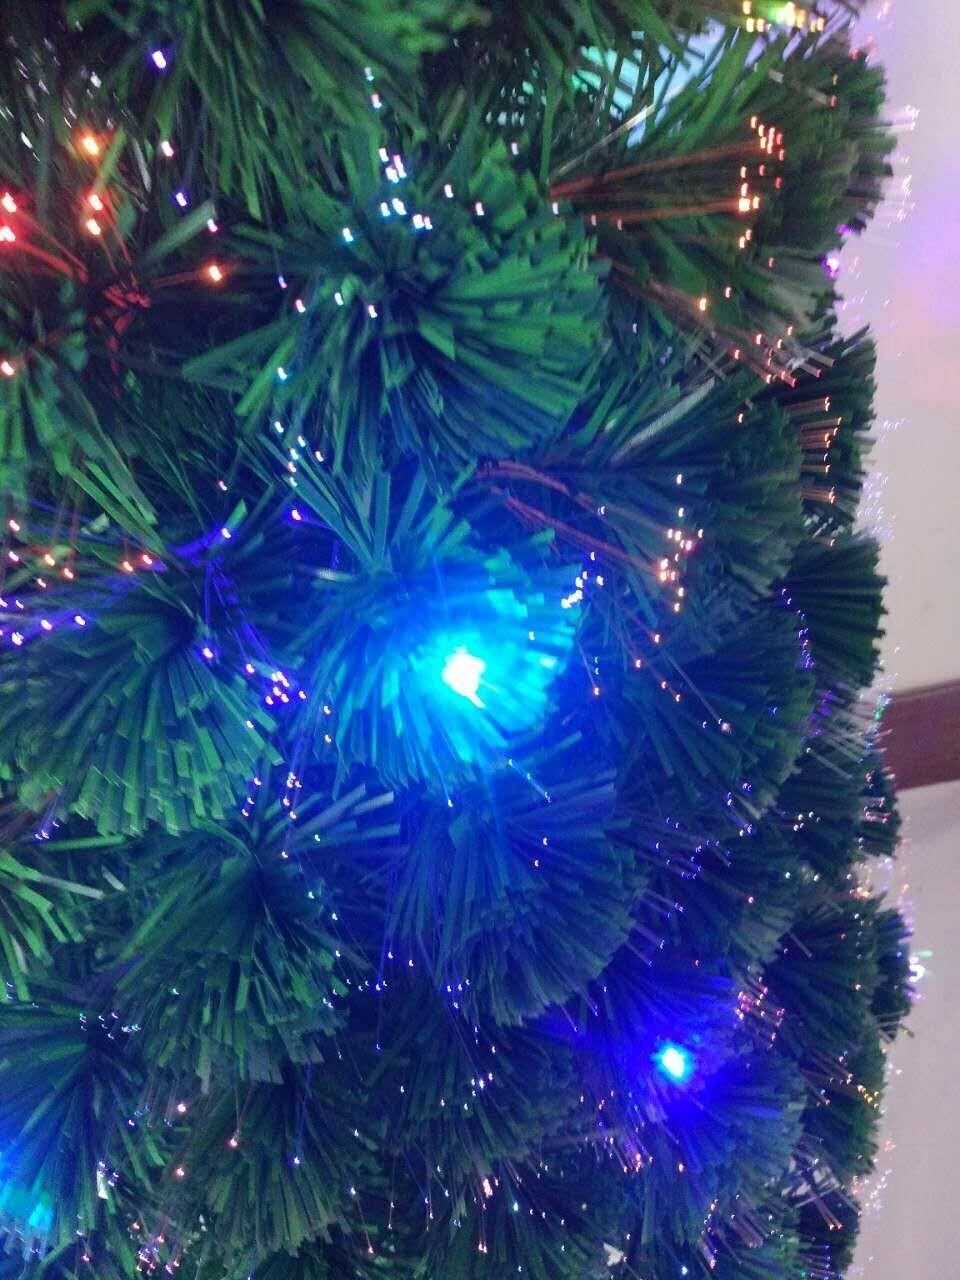 Colorful LED Fiber Christmas Tree 5FT/150CM With Big Star For Christmas Decor